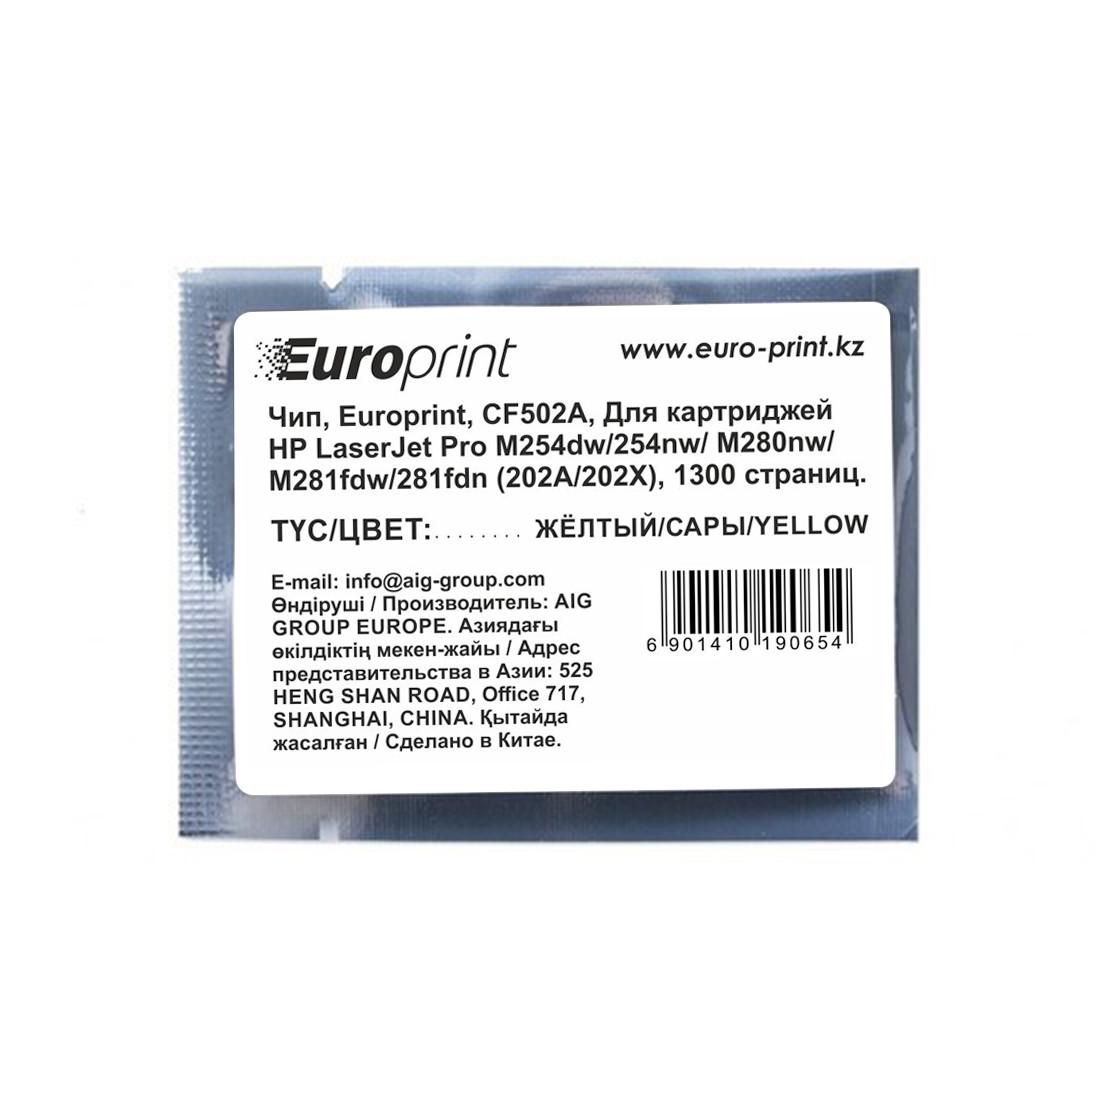 Чип Europrint HP CF502A